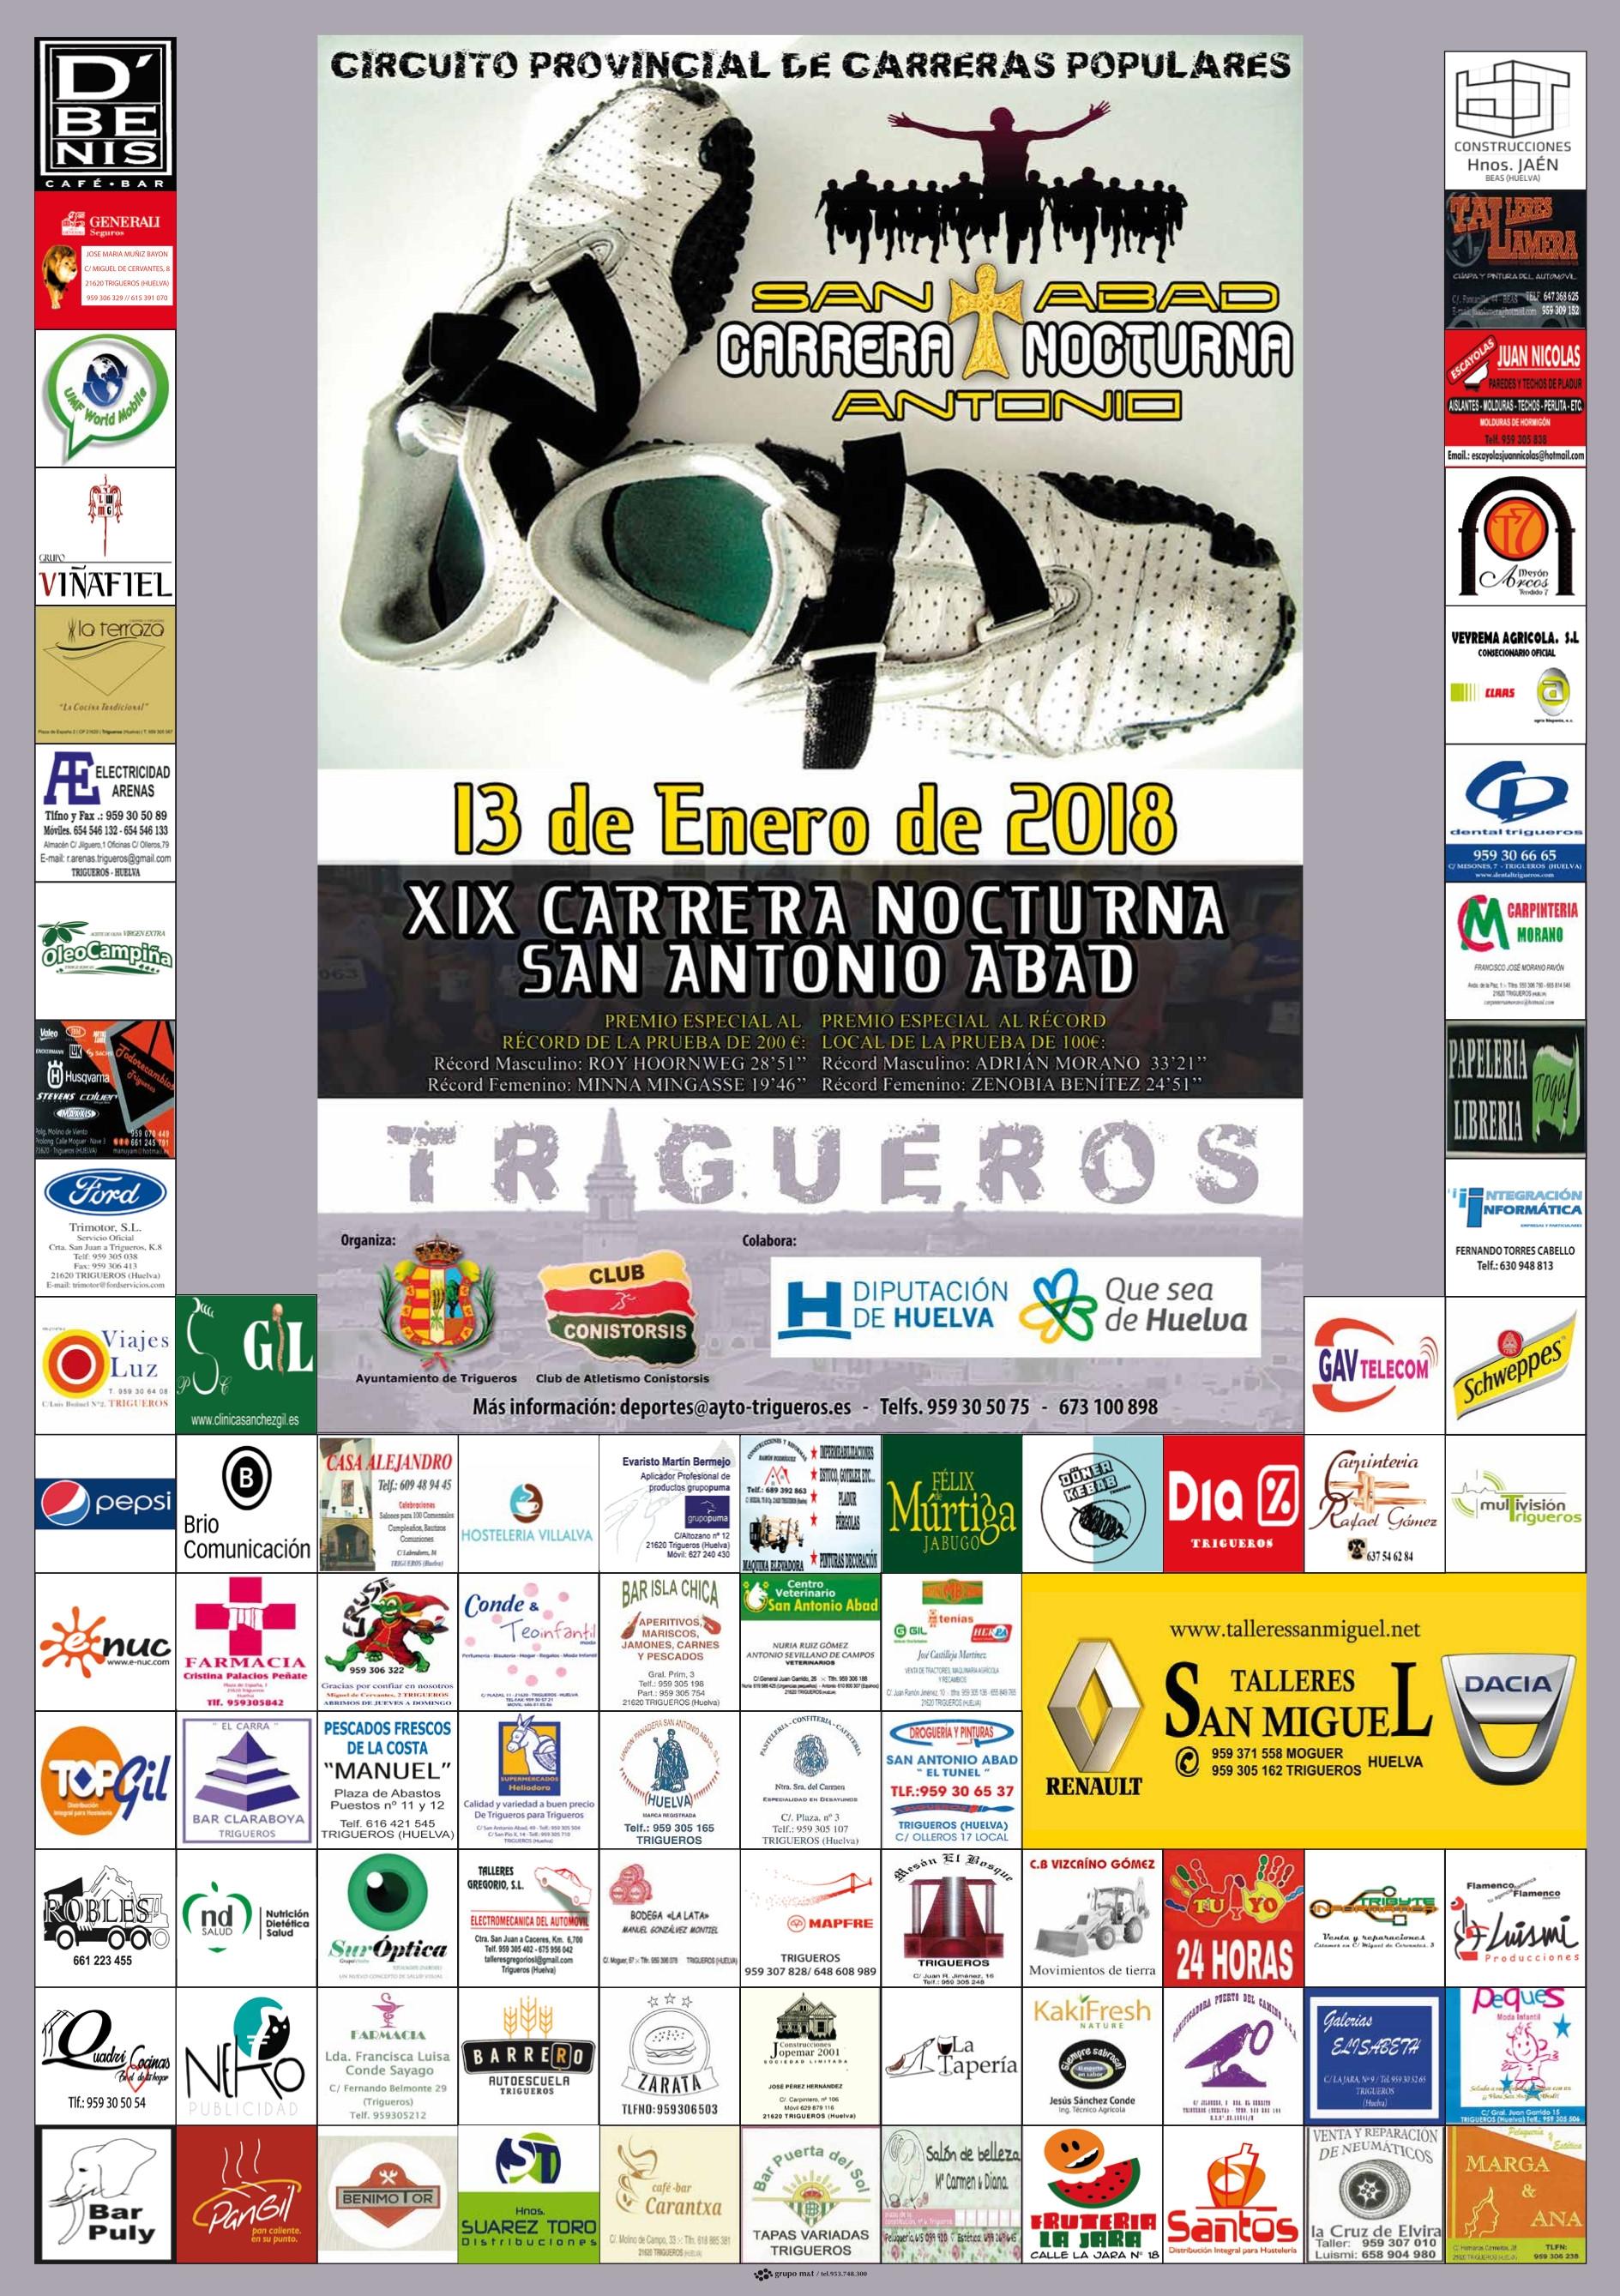 XIX Carrera Nocturna `San Antonio Abad` Trigueros